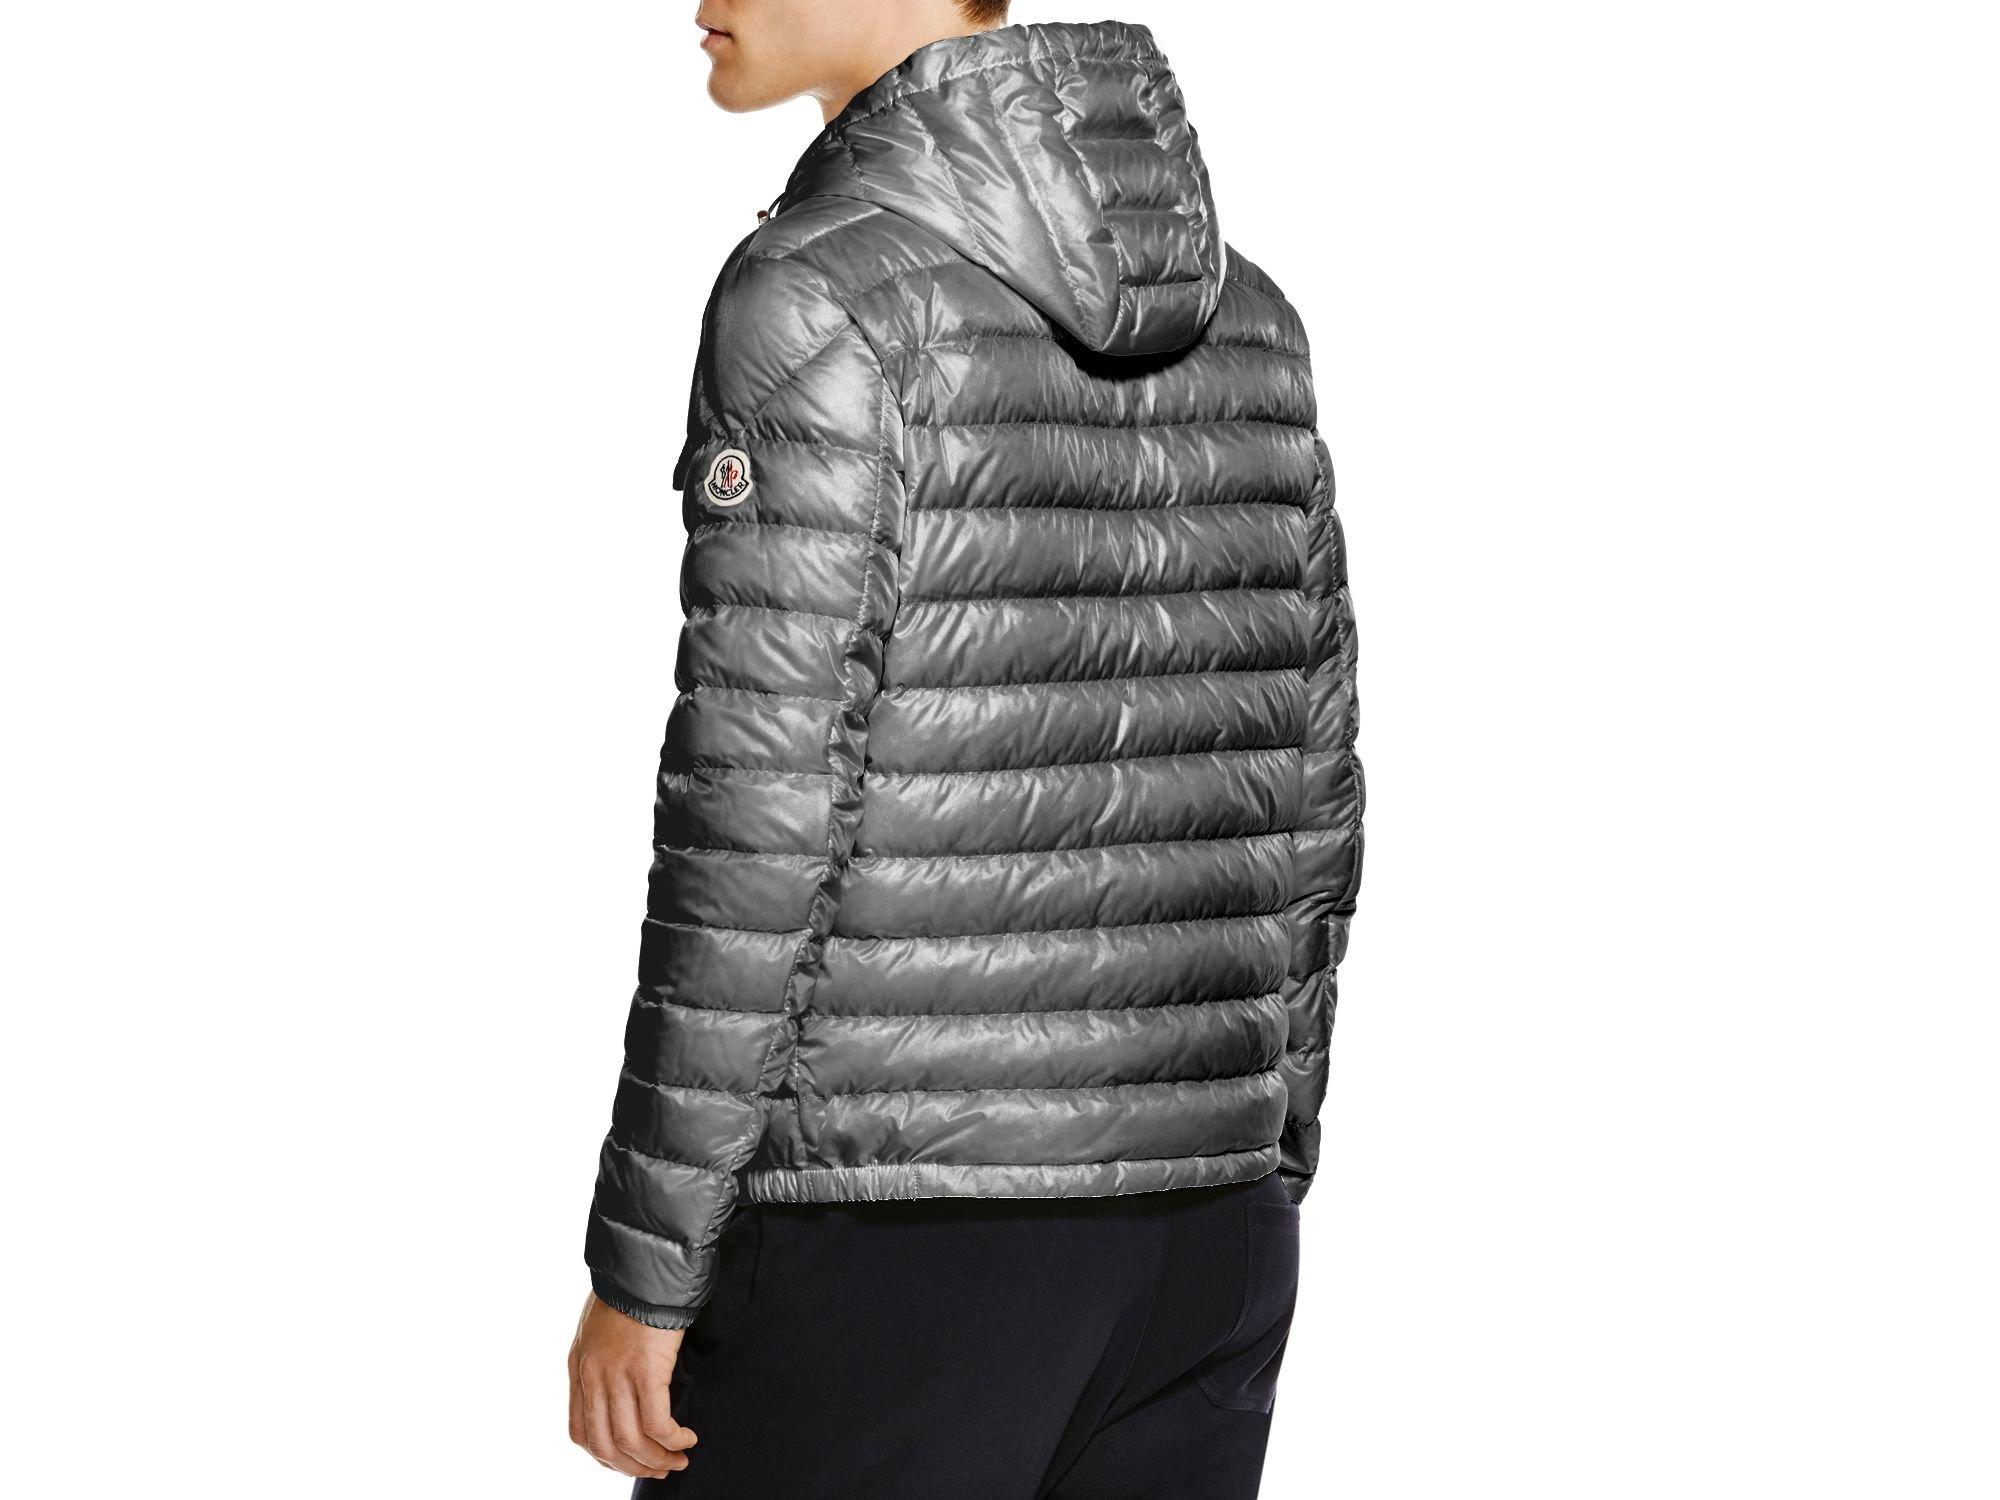 8d16f24c4 aliexpress moncler light down jacket 9c59a f8905